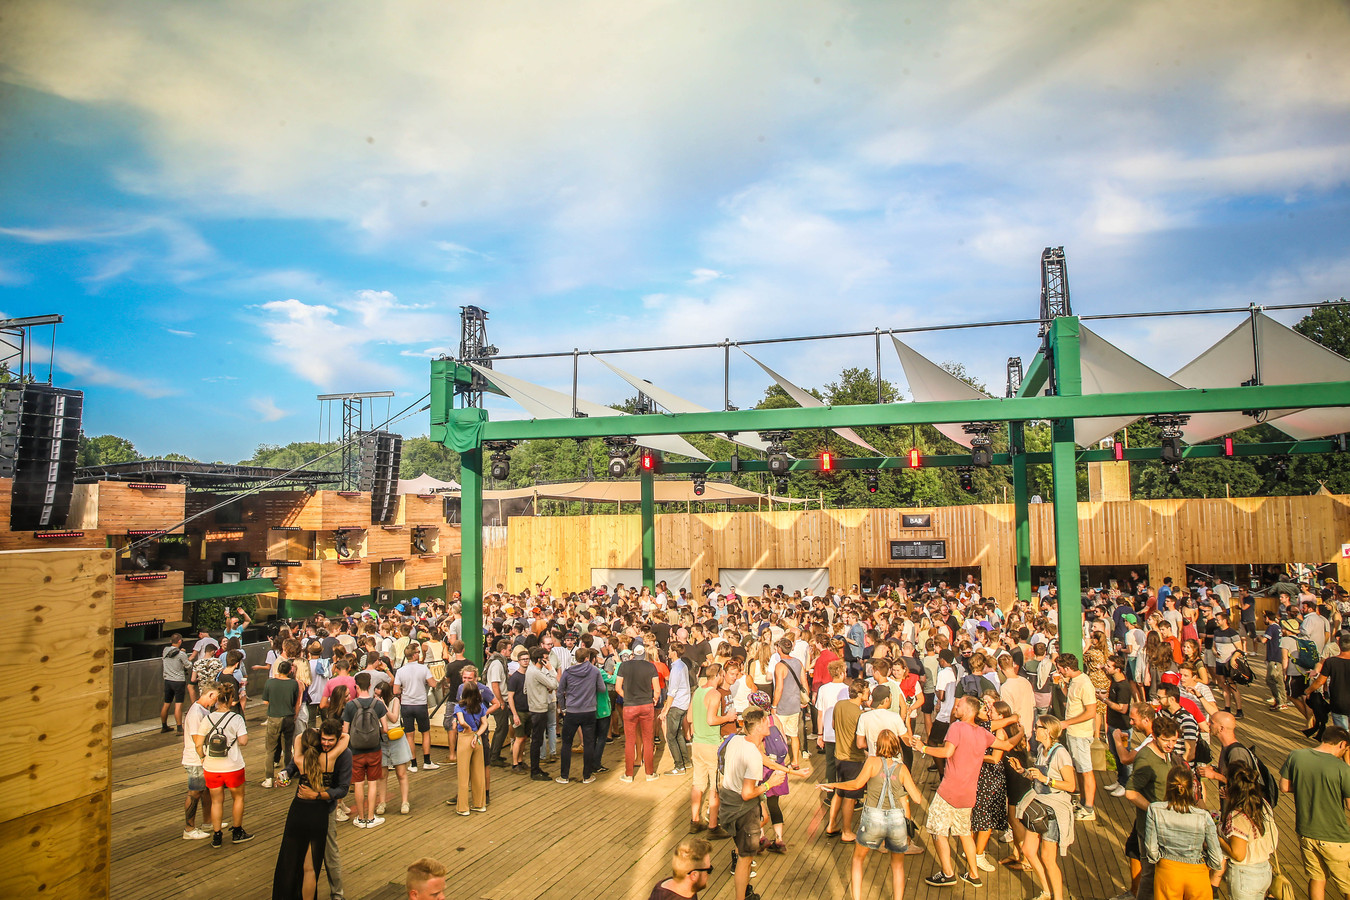 Paradise City mikt op zaterdag 14 augustus op 10.000 bezoekers. Vrijdag en zondag verwacht de organisatie zowat 7.000 feestvierders.